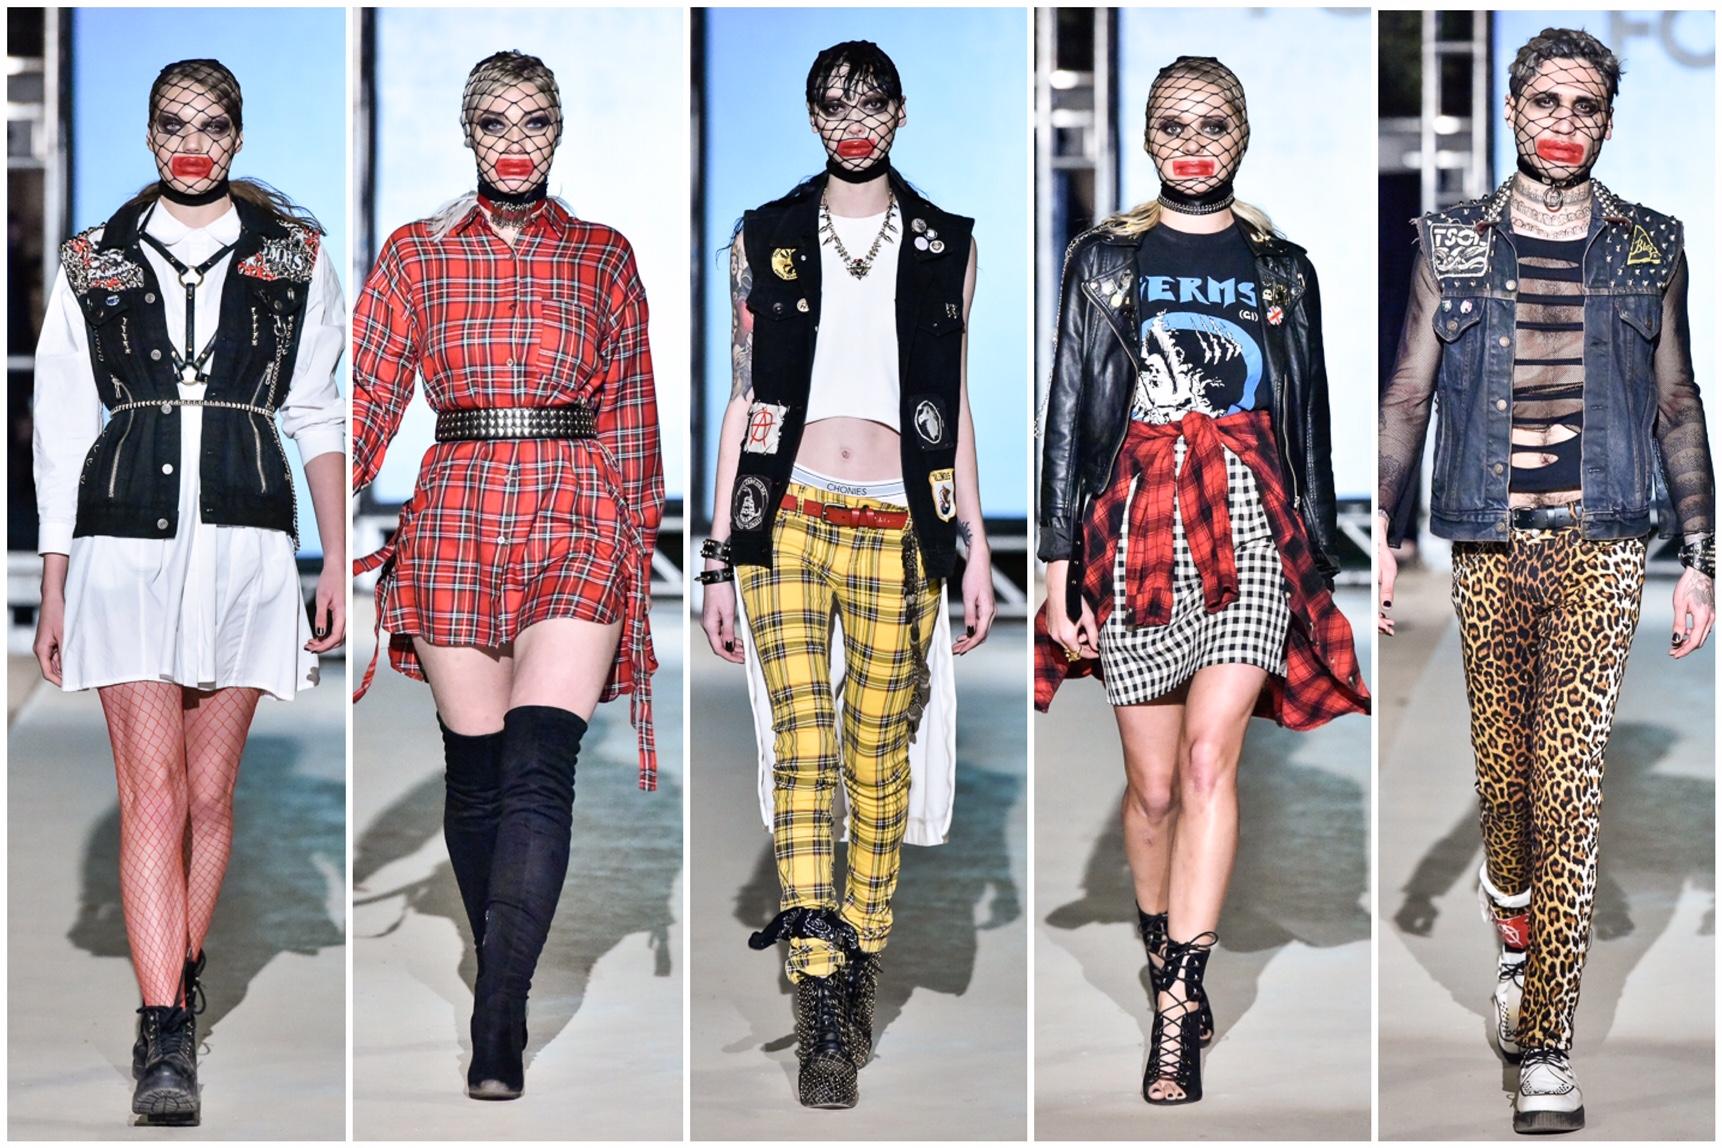 Fashion Strip Punk